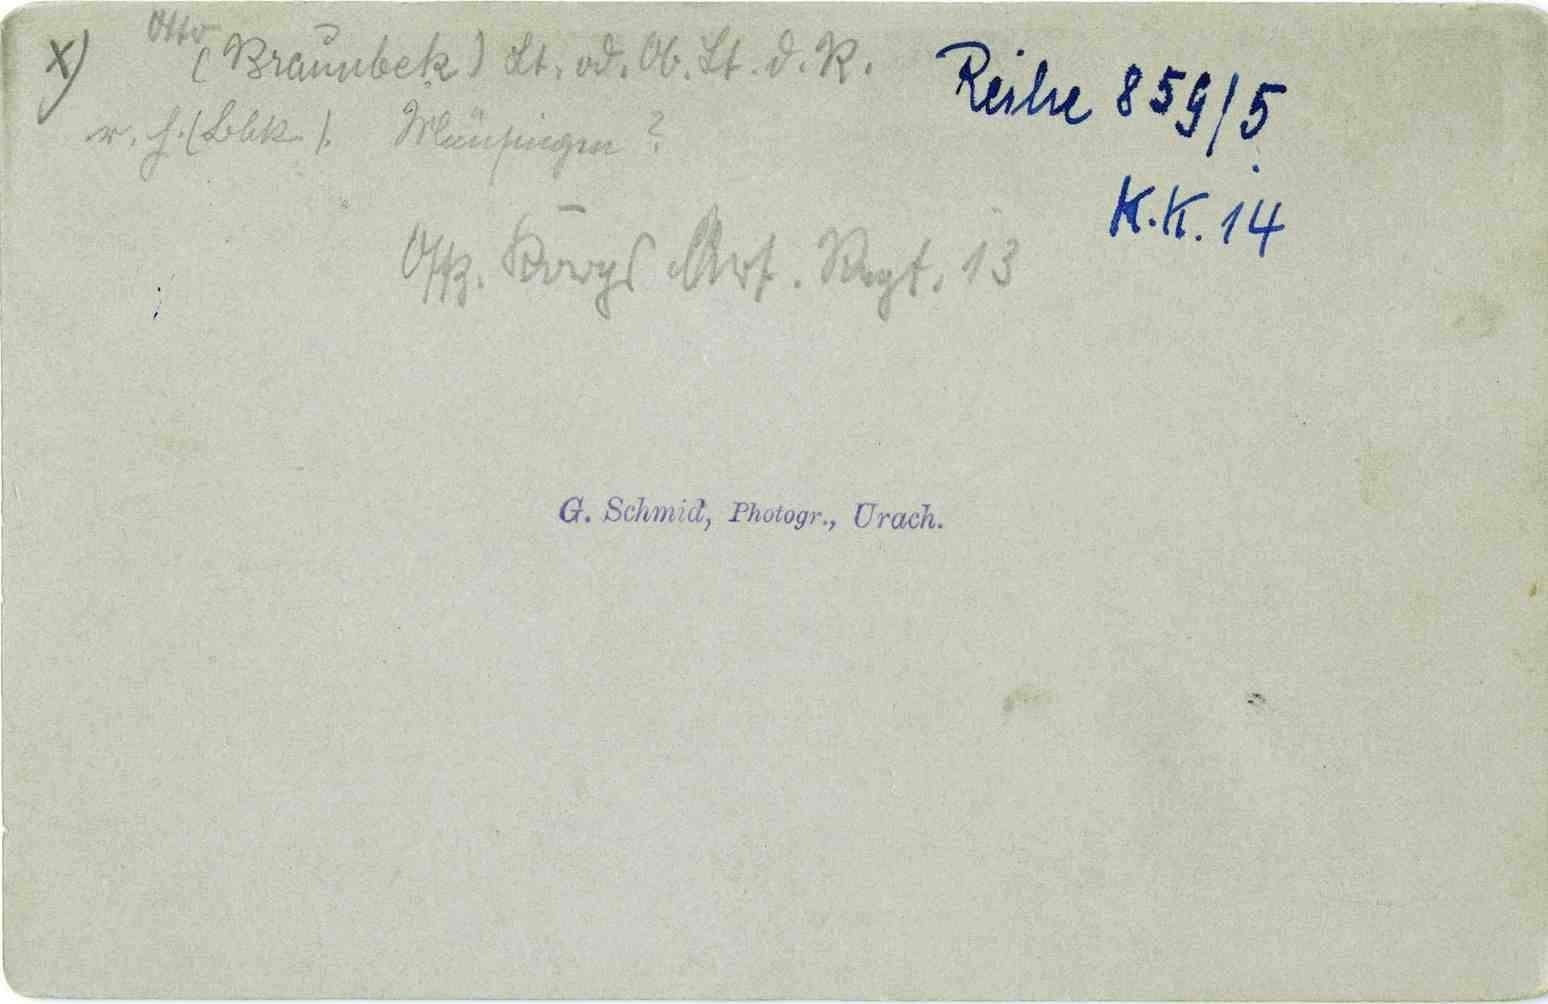 Offiziere (siebzehn Personen) des Regiments, teils stehend oder sitzend vor Eingang einer Kaserne, unter ihnen Otto Braunbek, Leutnant, späterer Oberleutnant der Reserve, Garnisonsbauinspektor, Intendantur- und Baurat, 1v